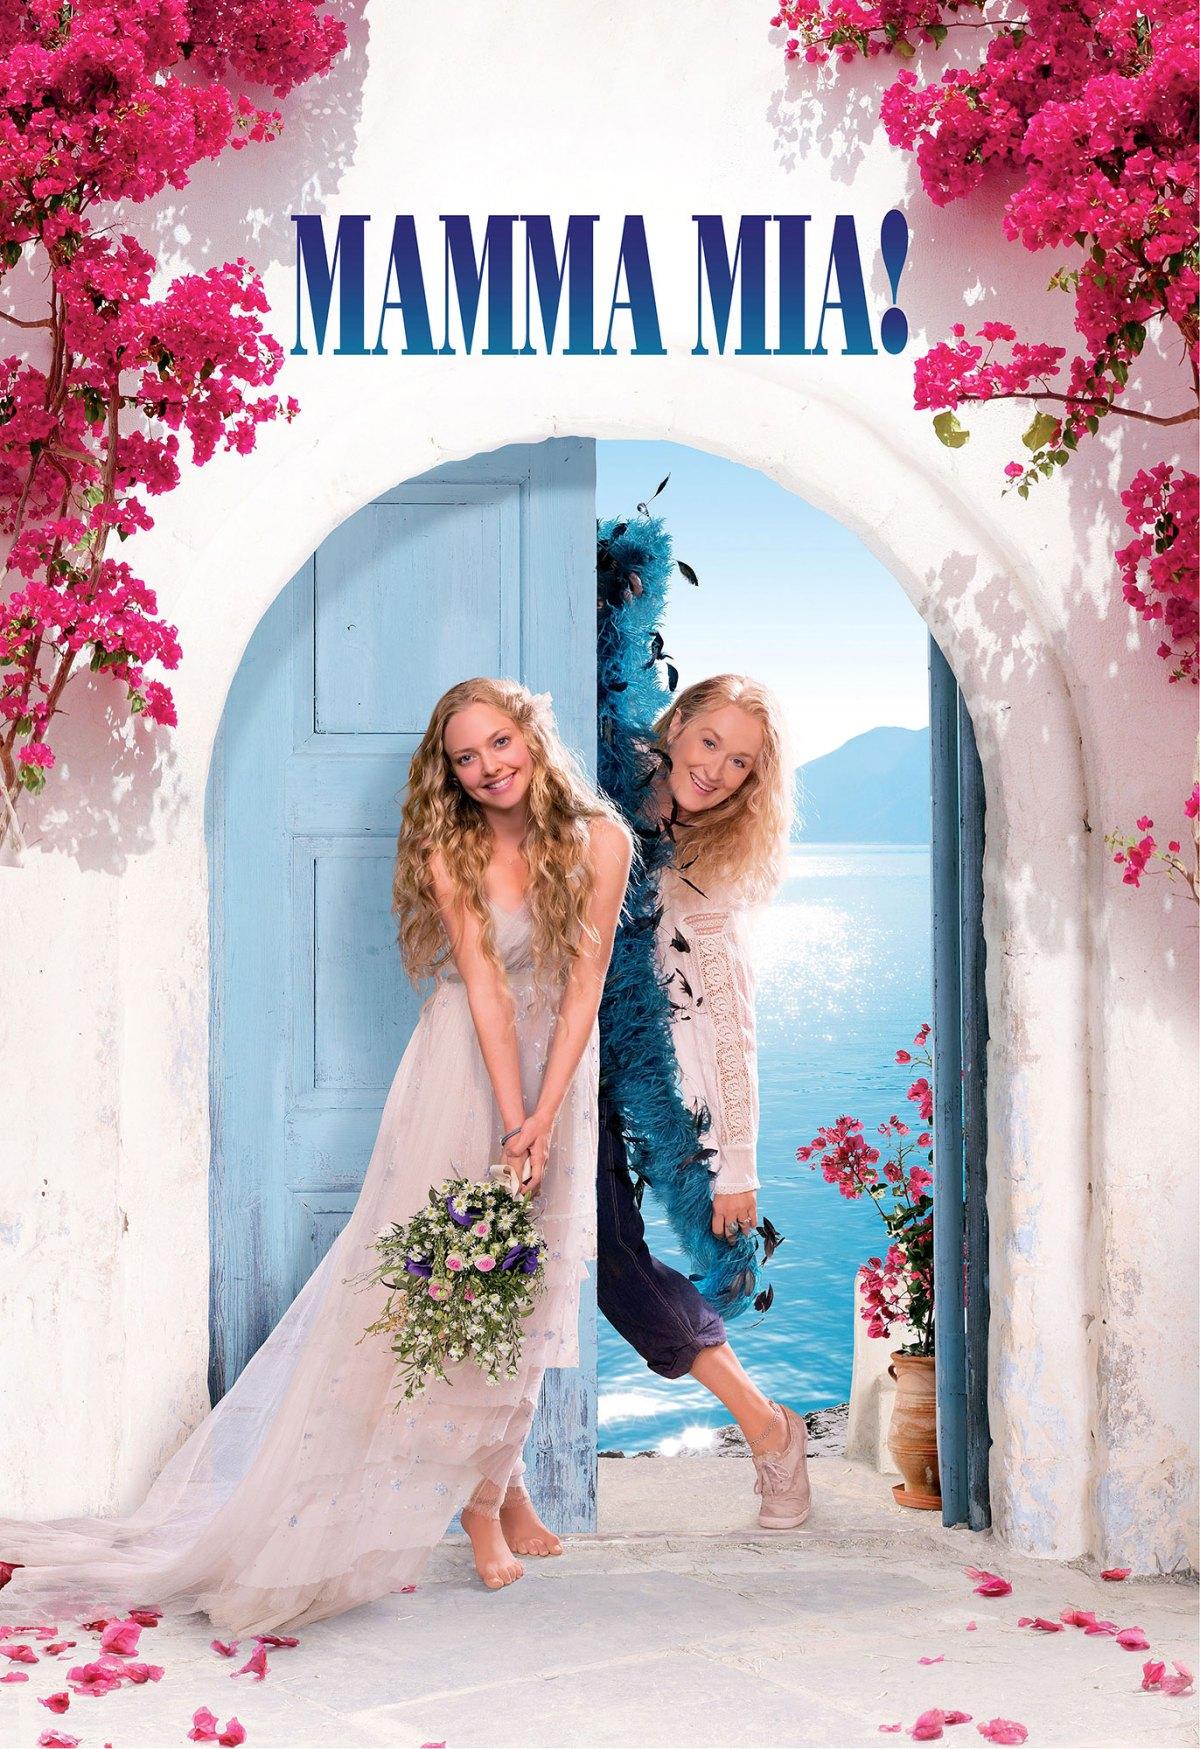 Mamma Mia' Cast: Where Are They Now?